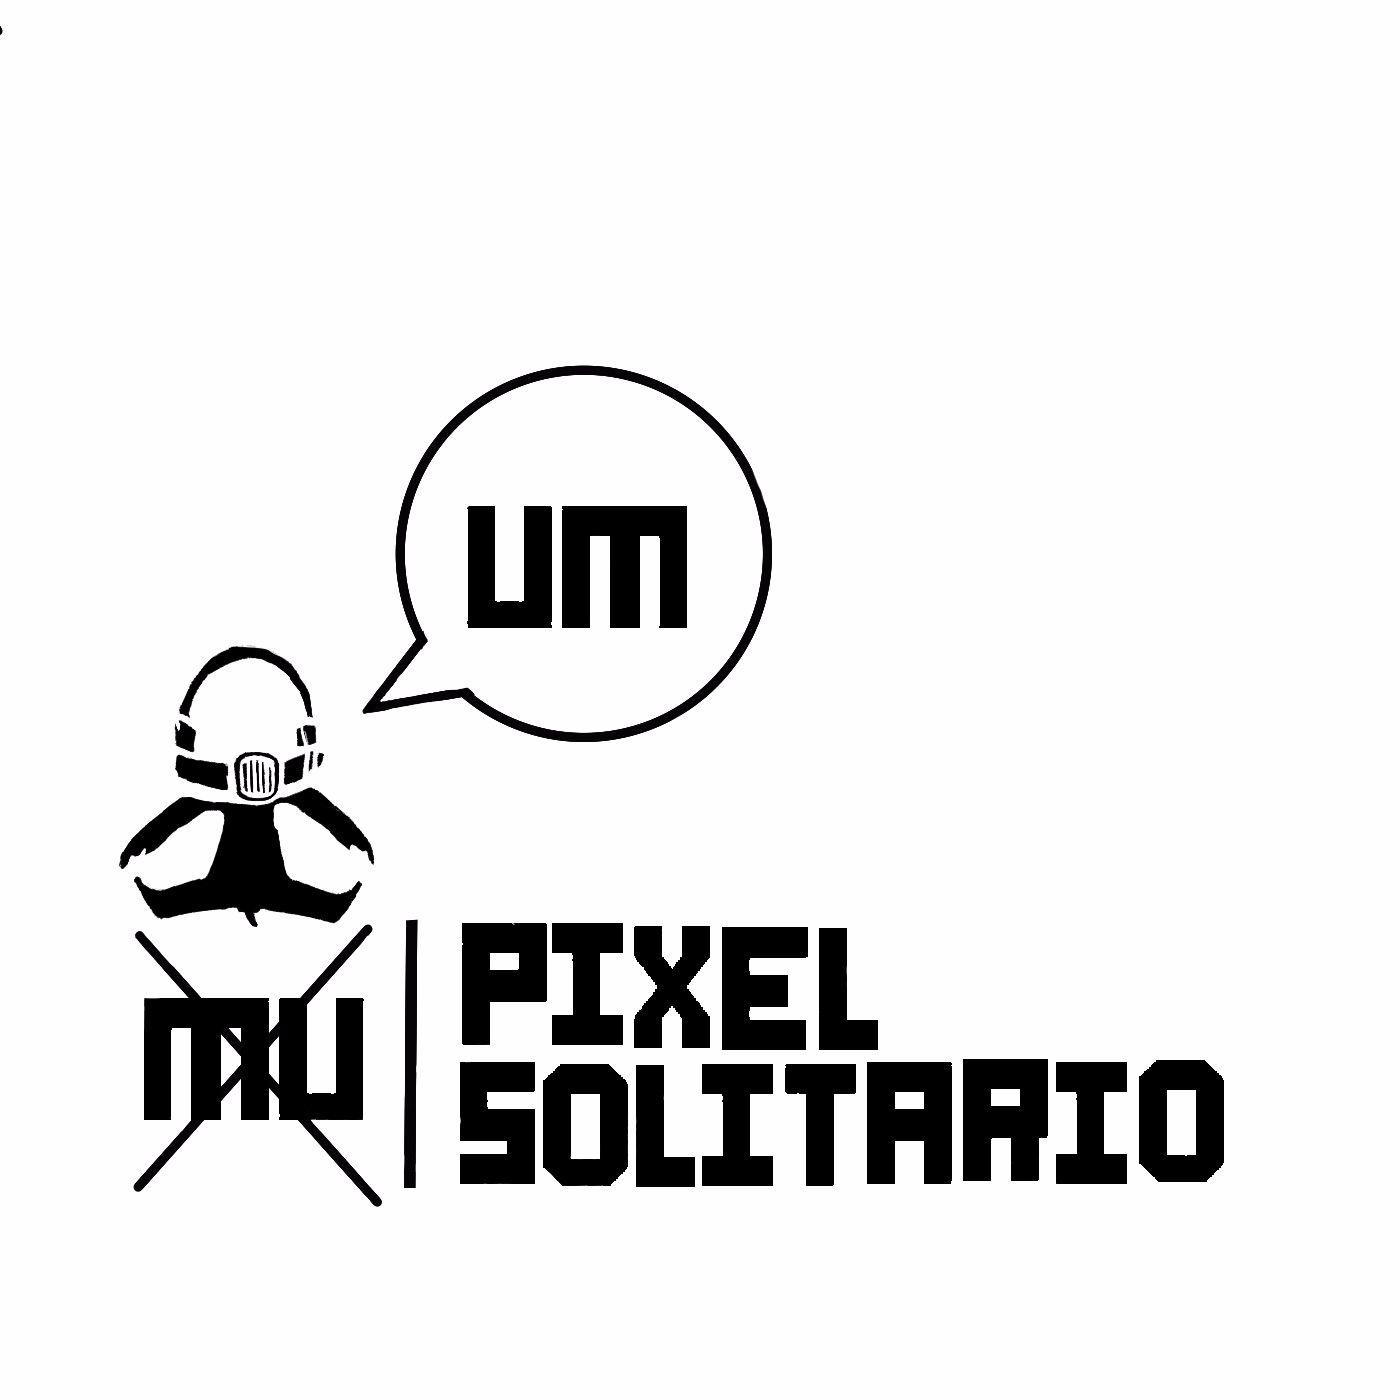 Um Pixel Solitario